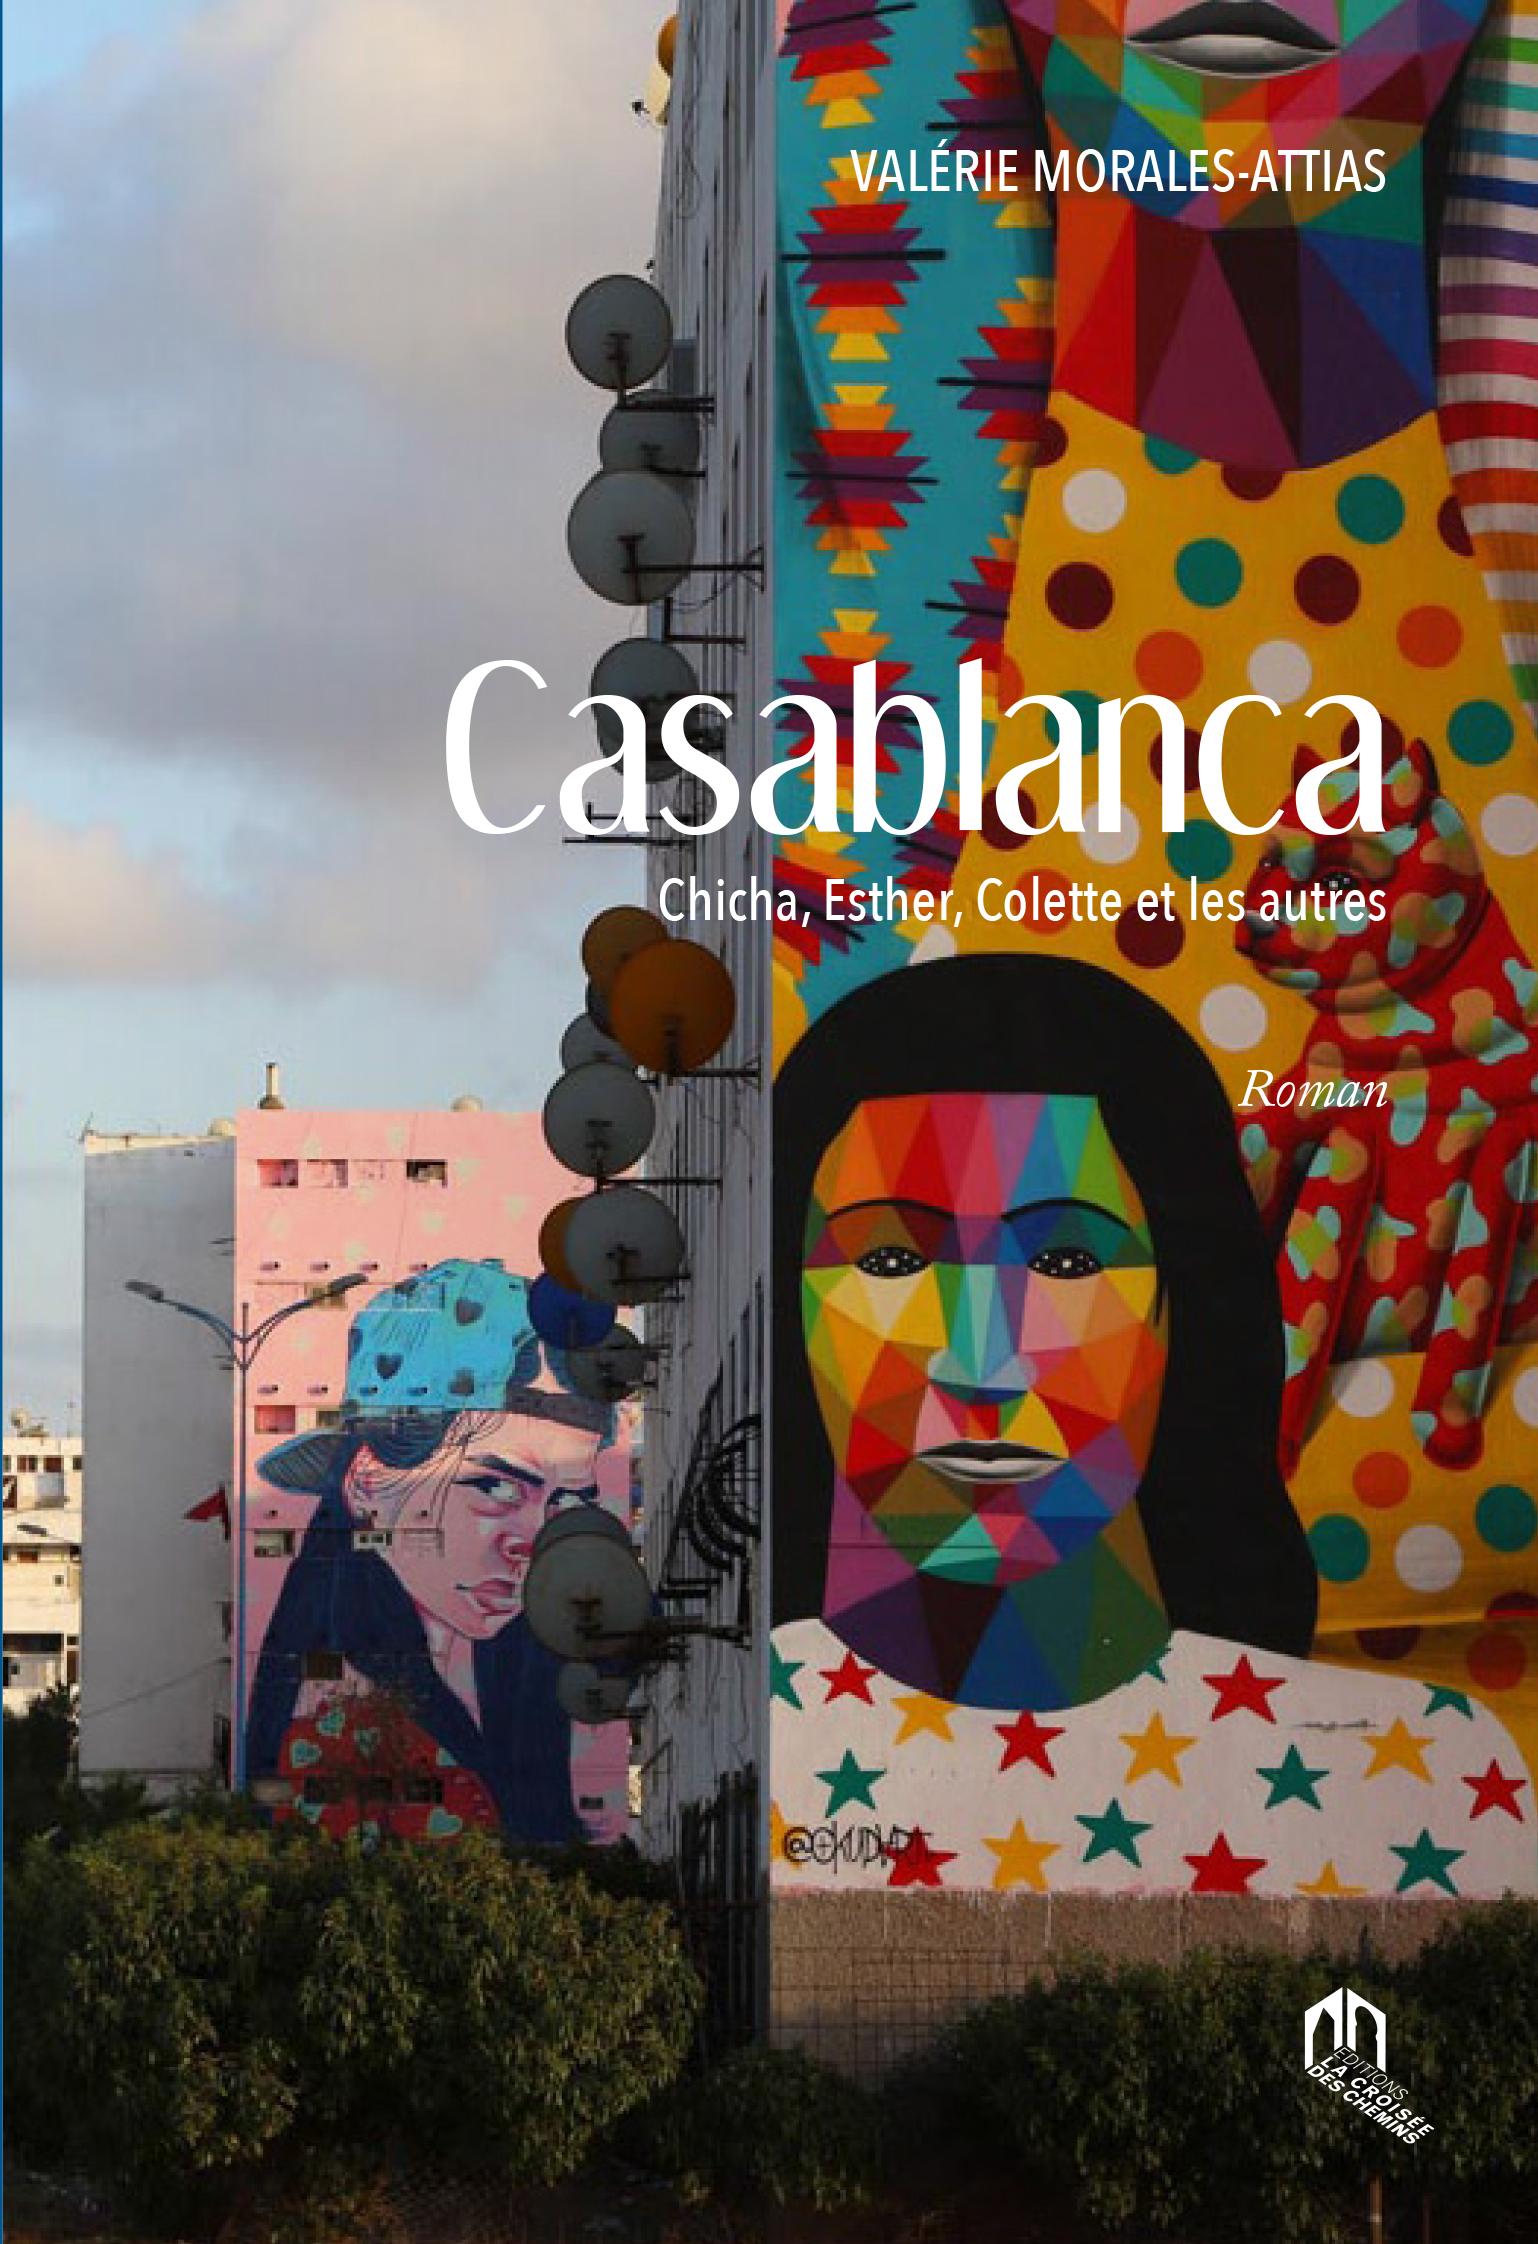 CASABLANCA CHICHA, ESTHER, COLETTE ET LES AUTRES